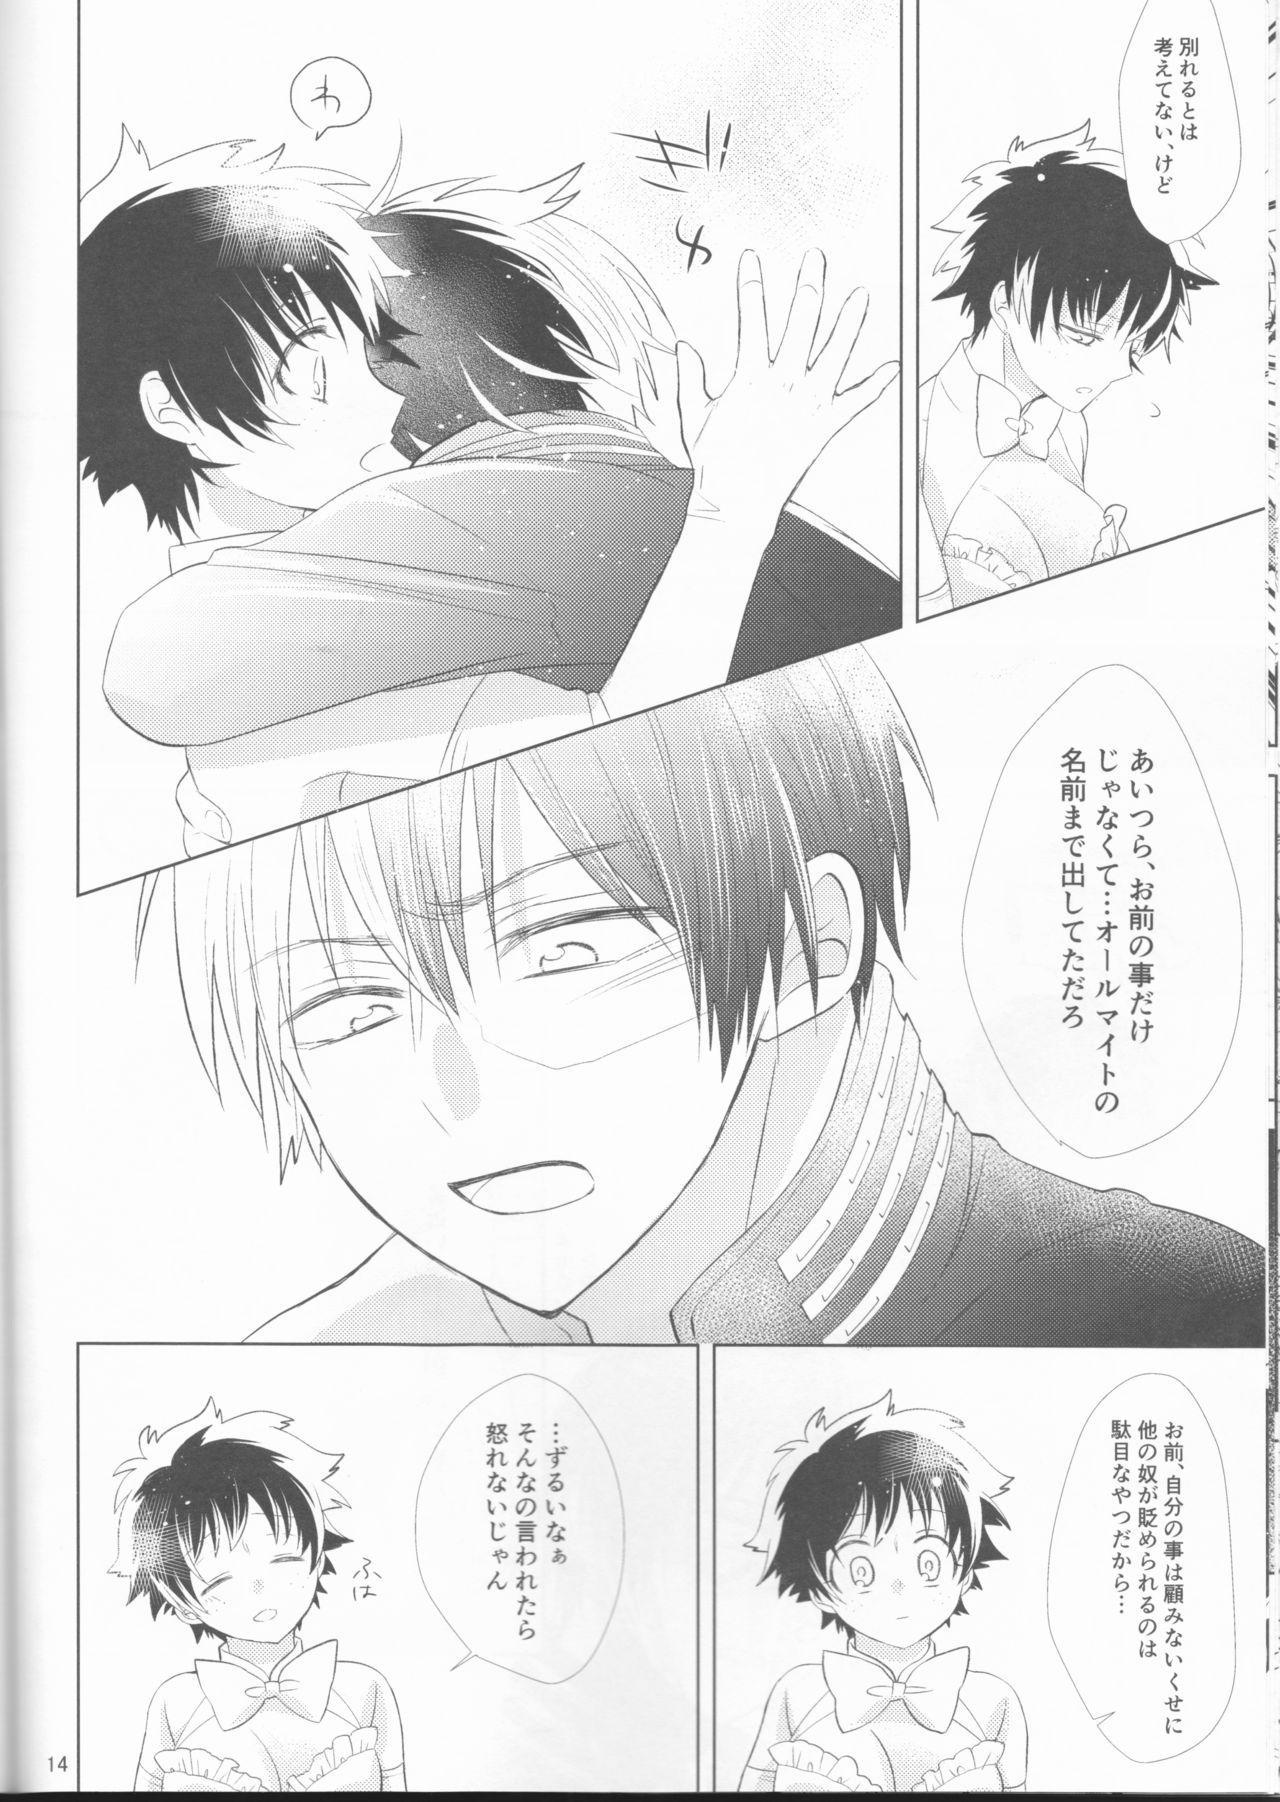 Sangatsu Usagi no Himegoto 14